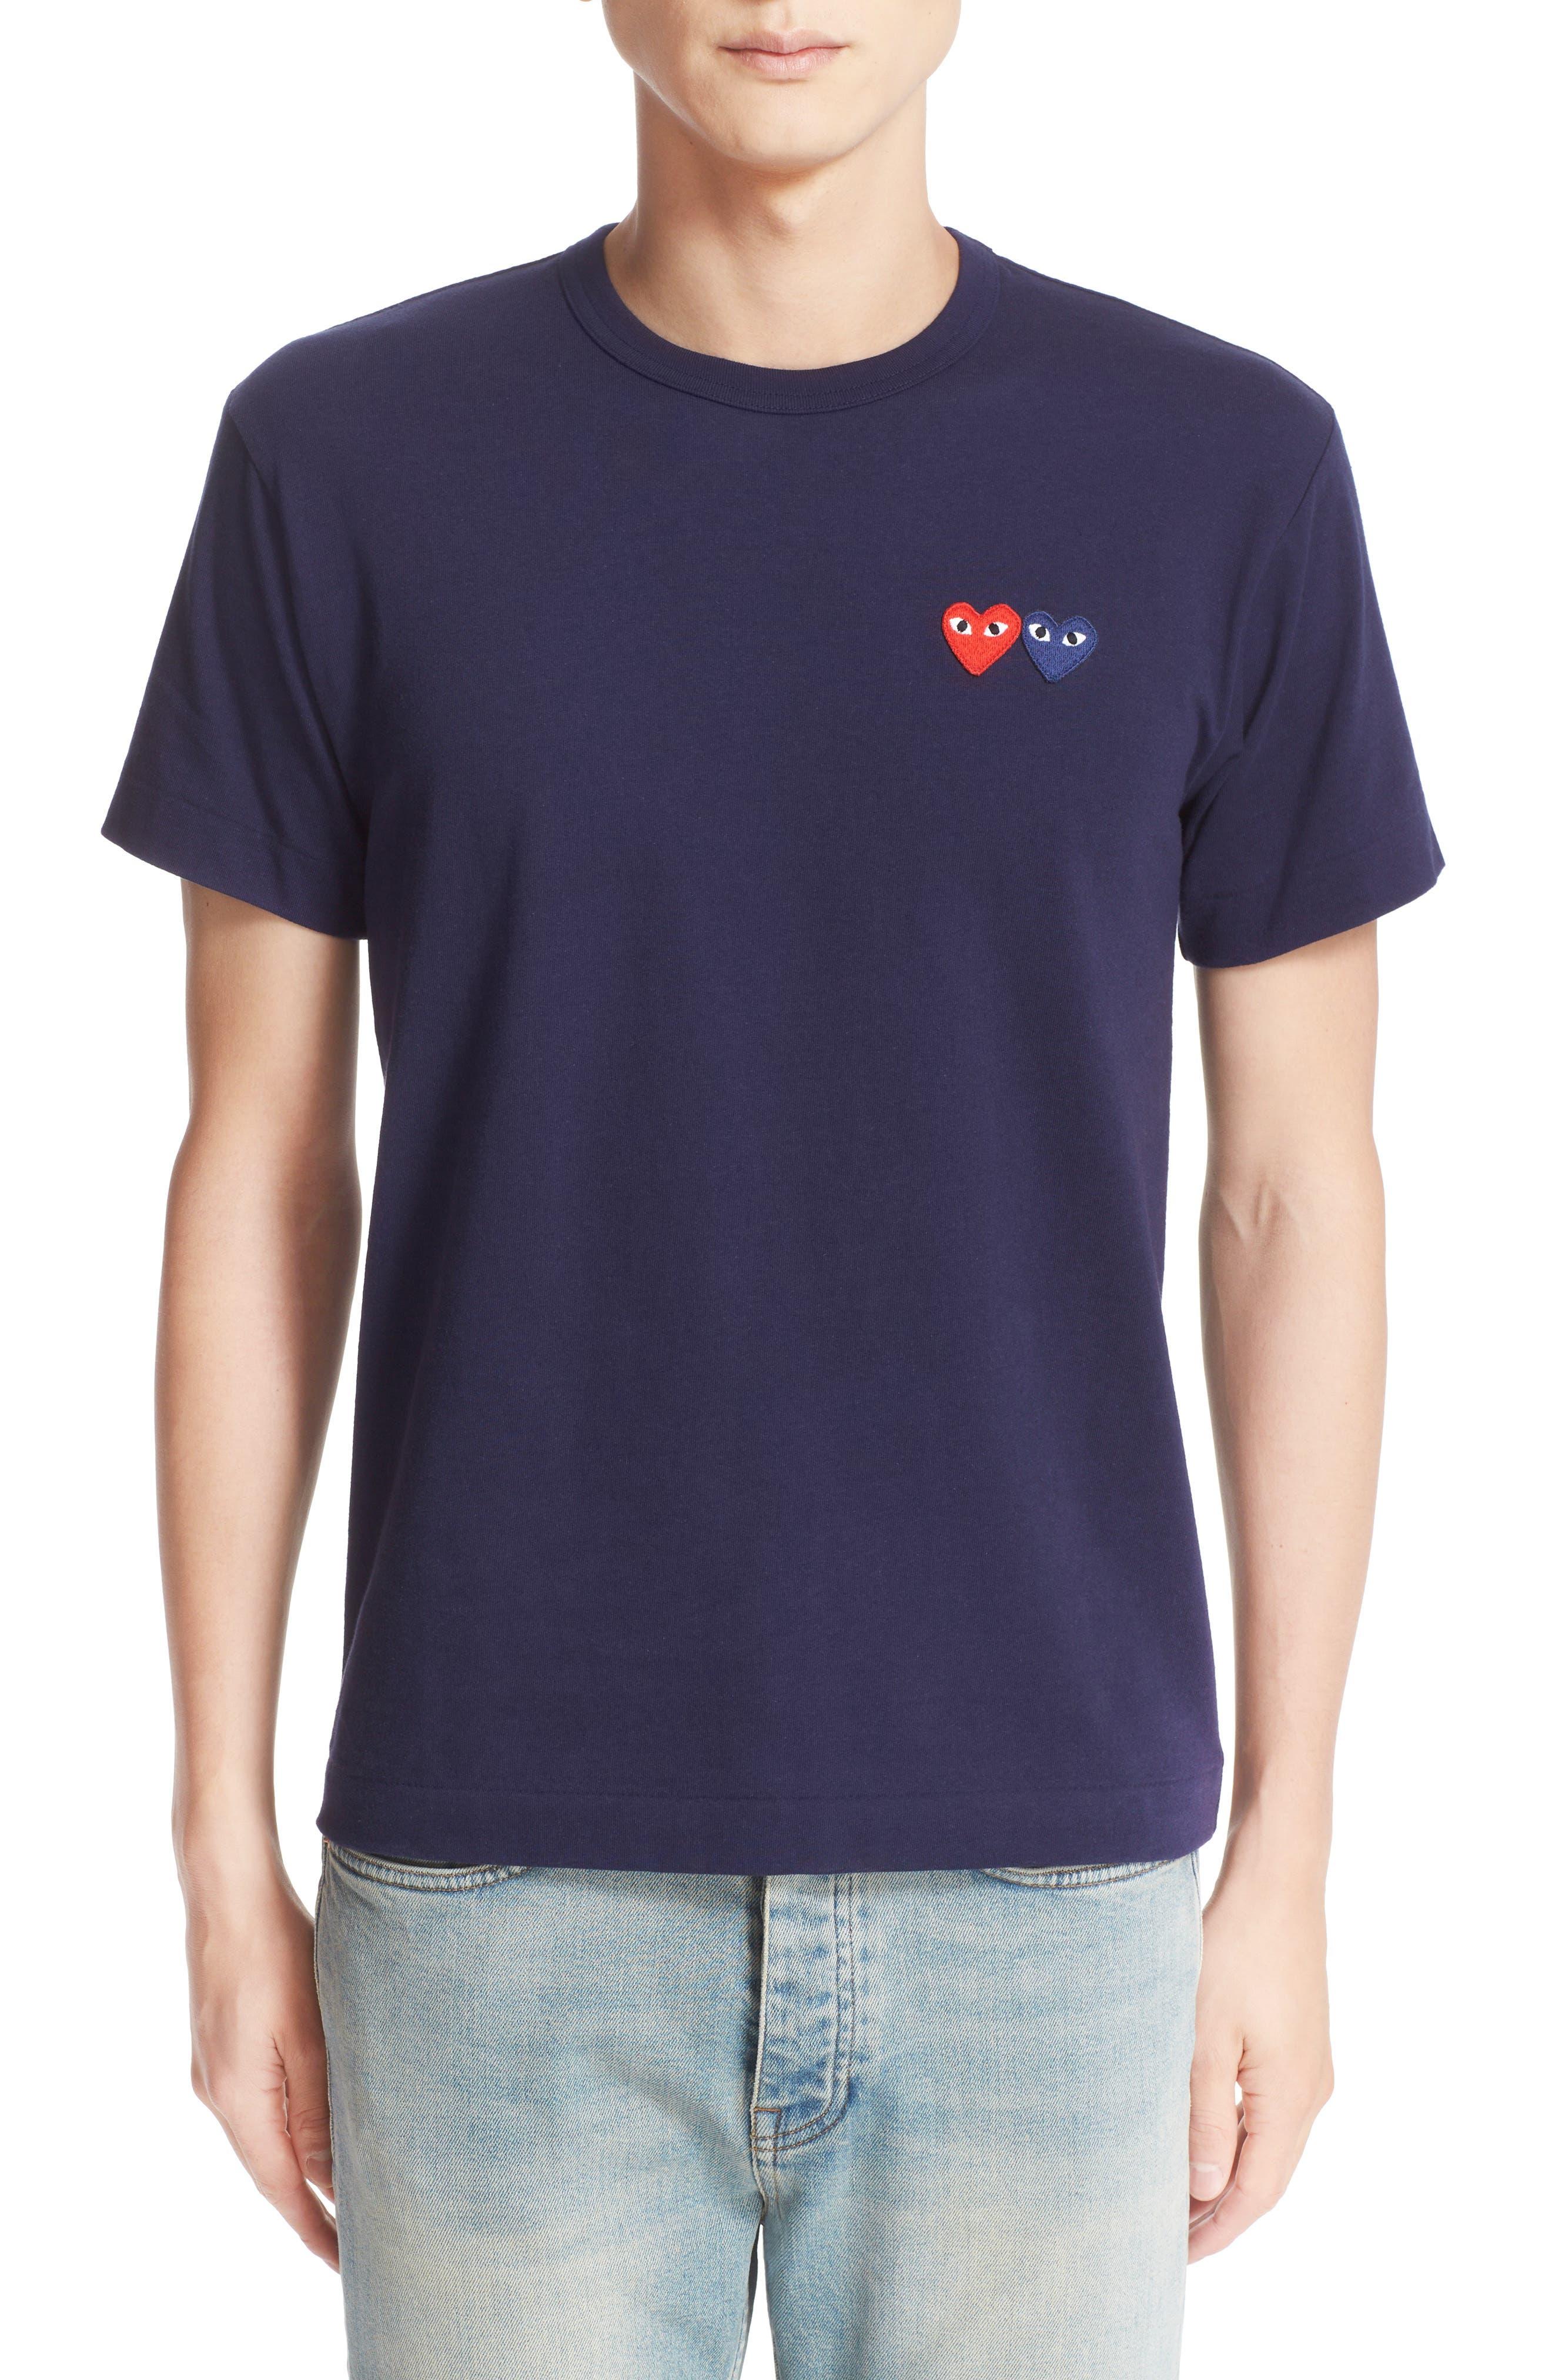 Twin Hearts Jersey T-Shirt,                             Main thumbnail 1, color,                             NAVY